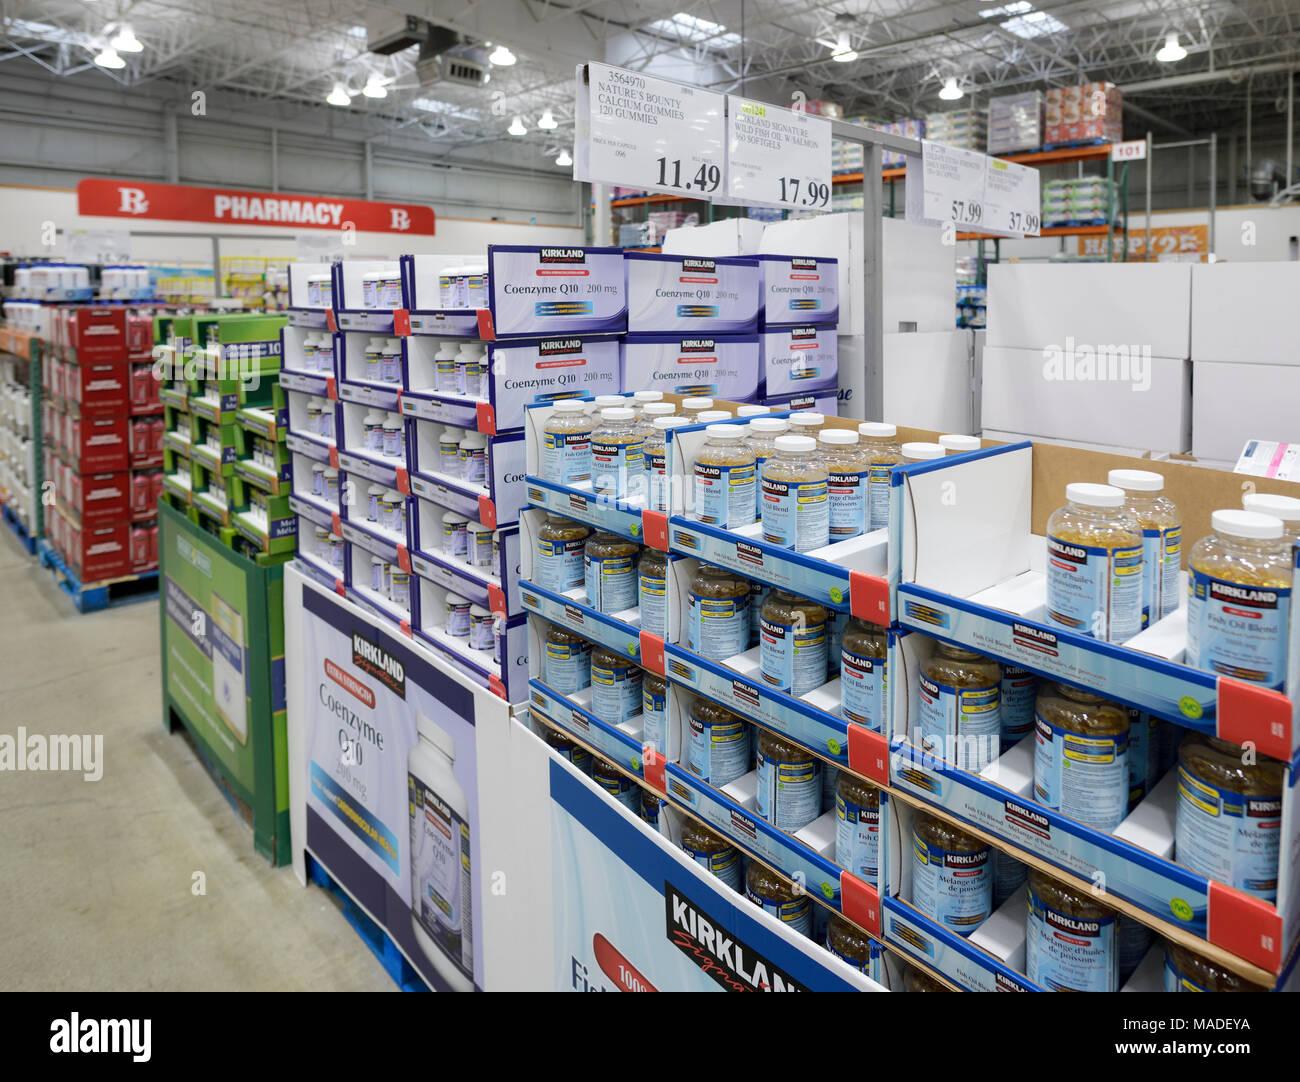 Q brand store